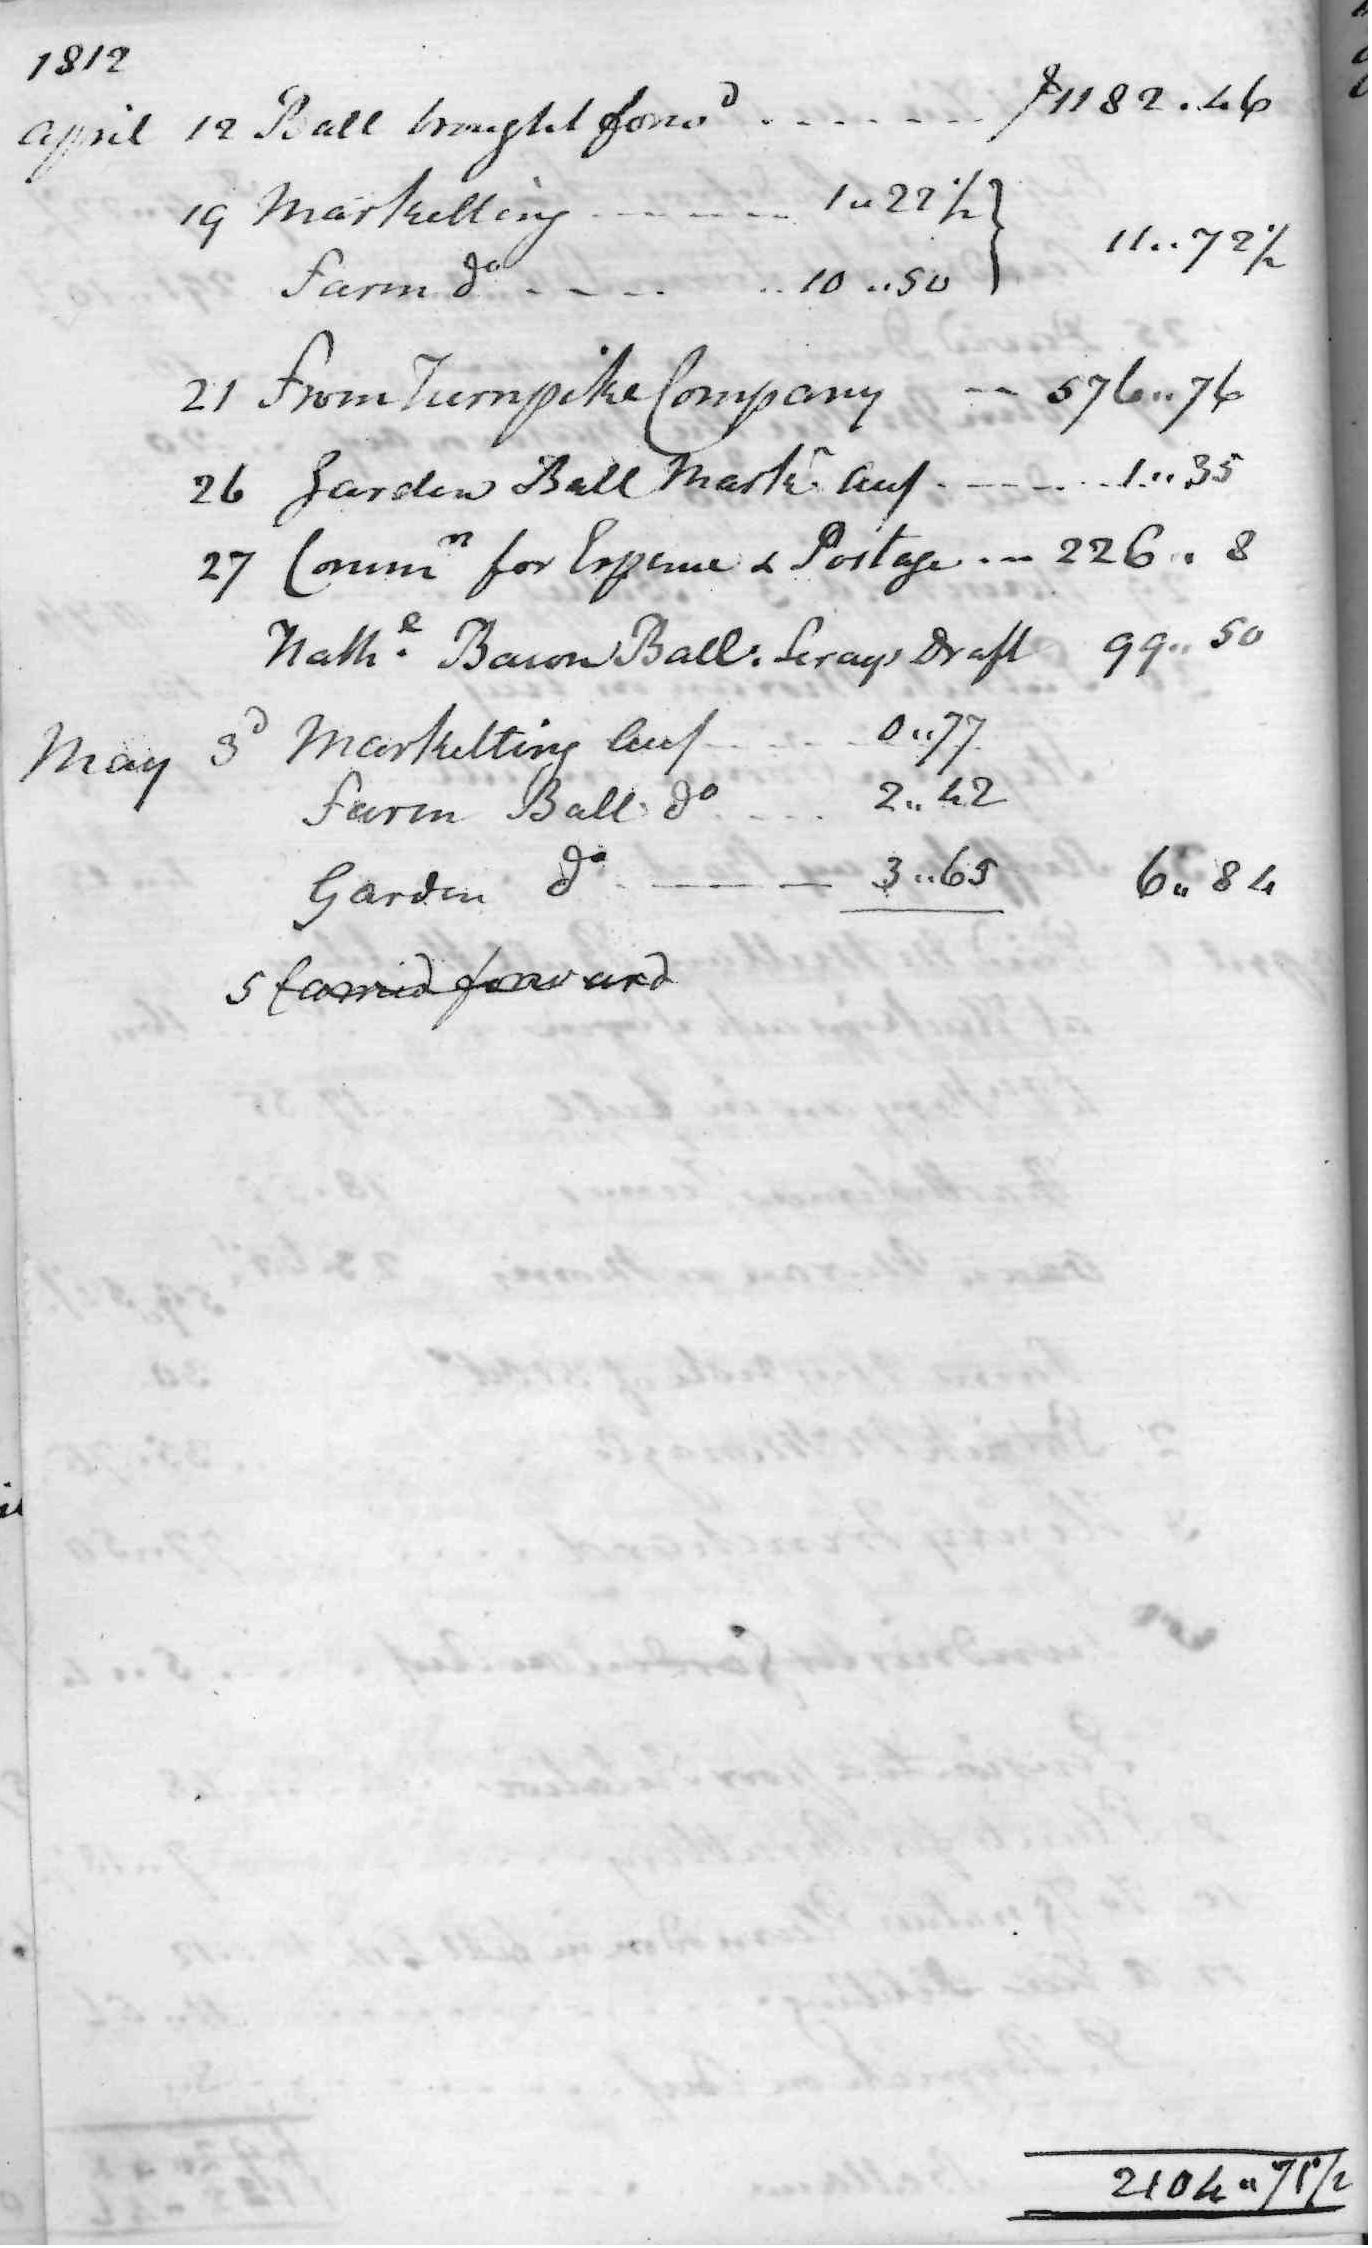 Gouverneur Morris Cash Book, folio 6, left side